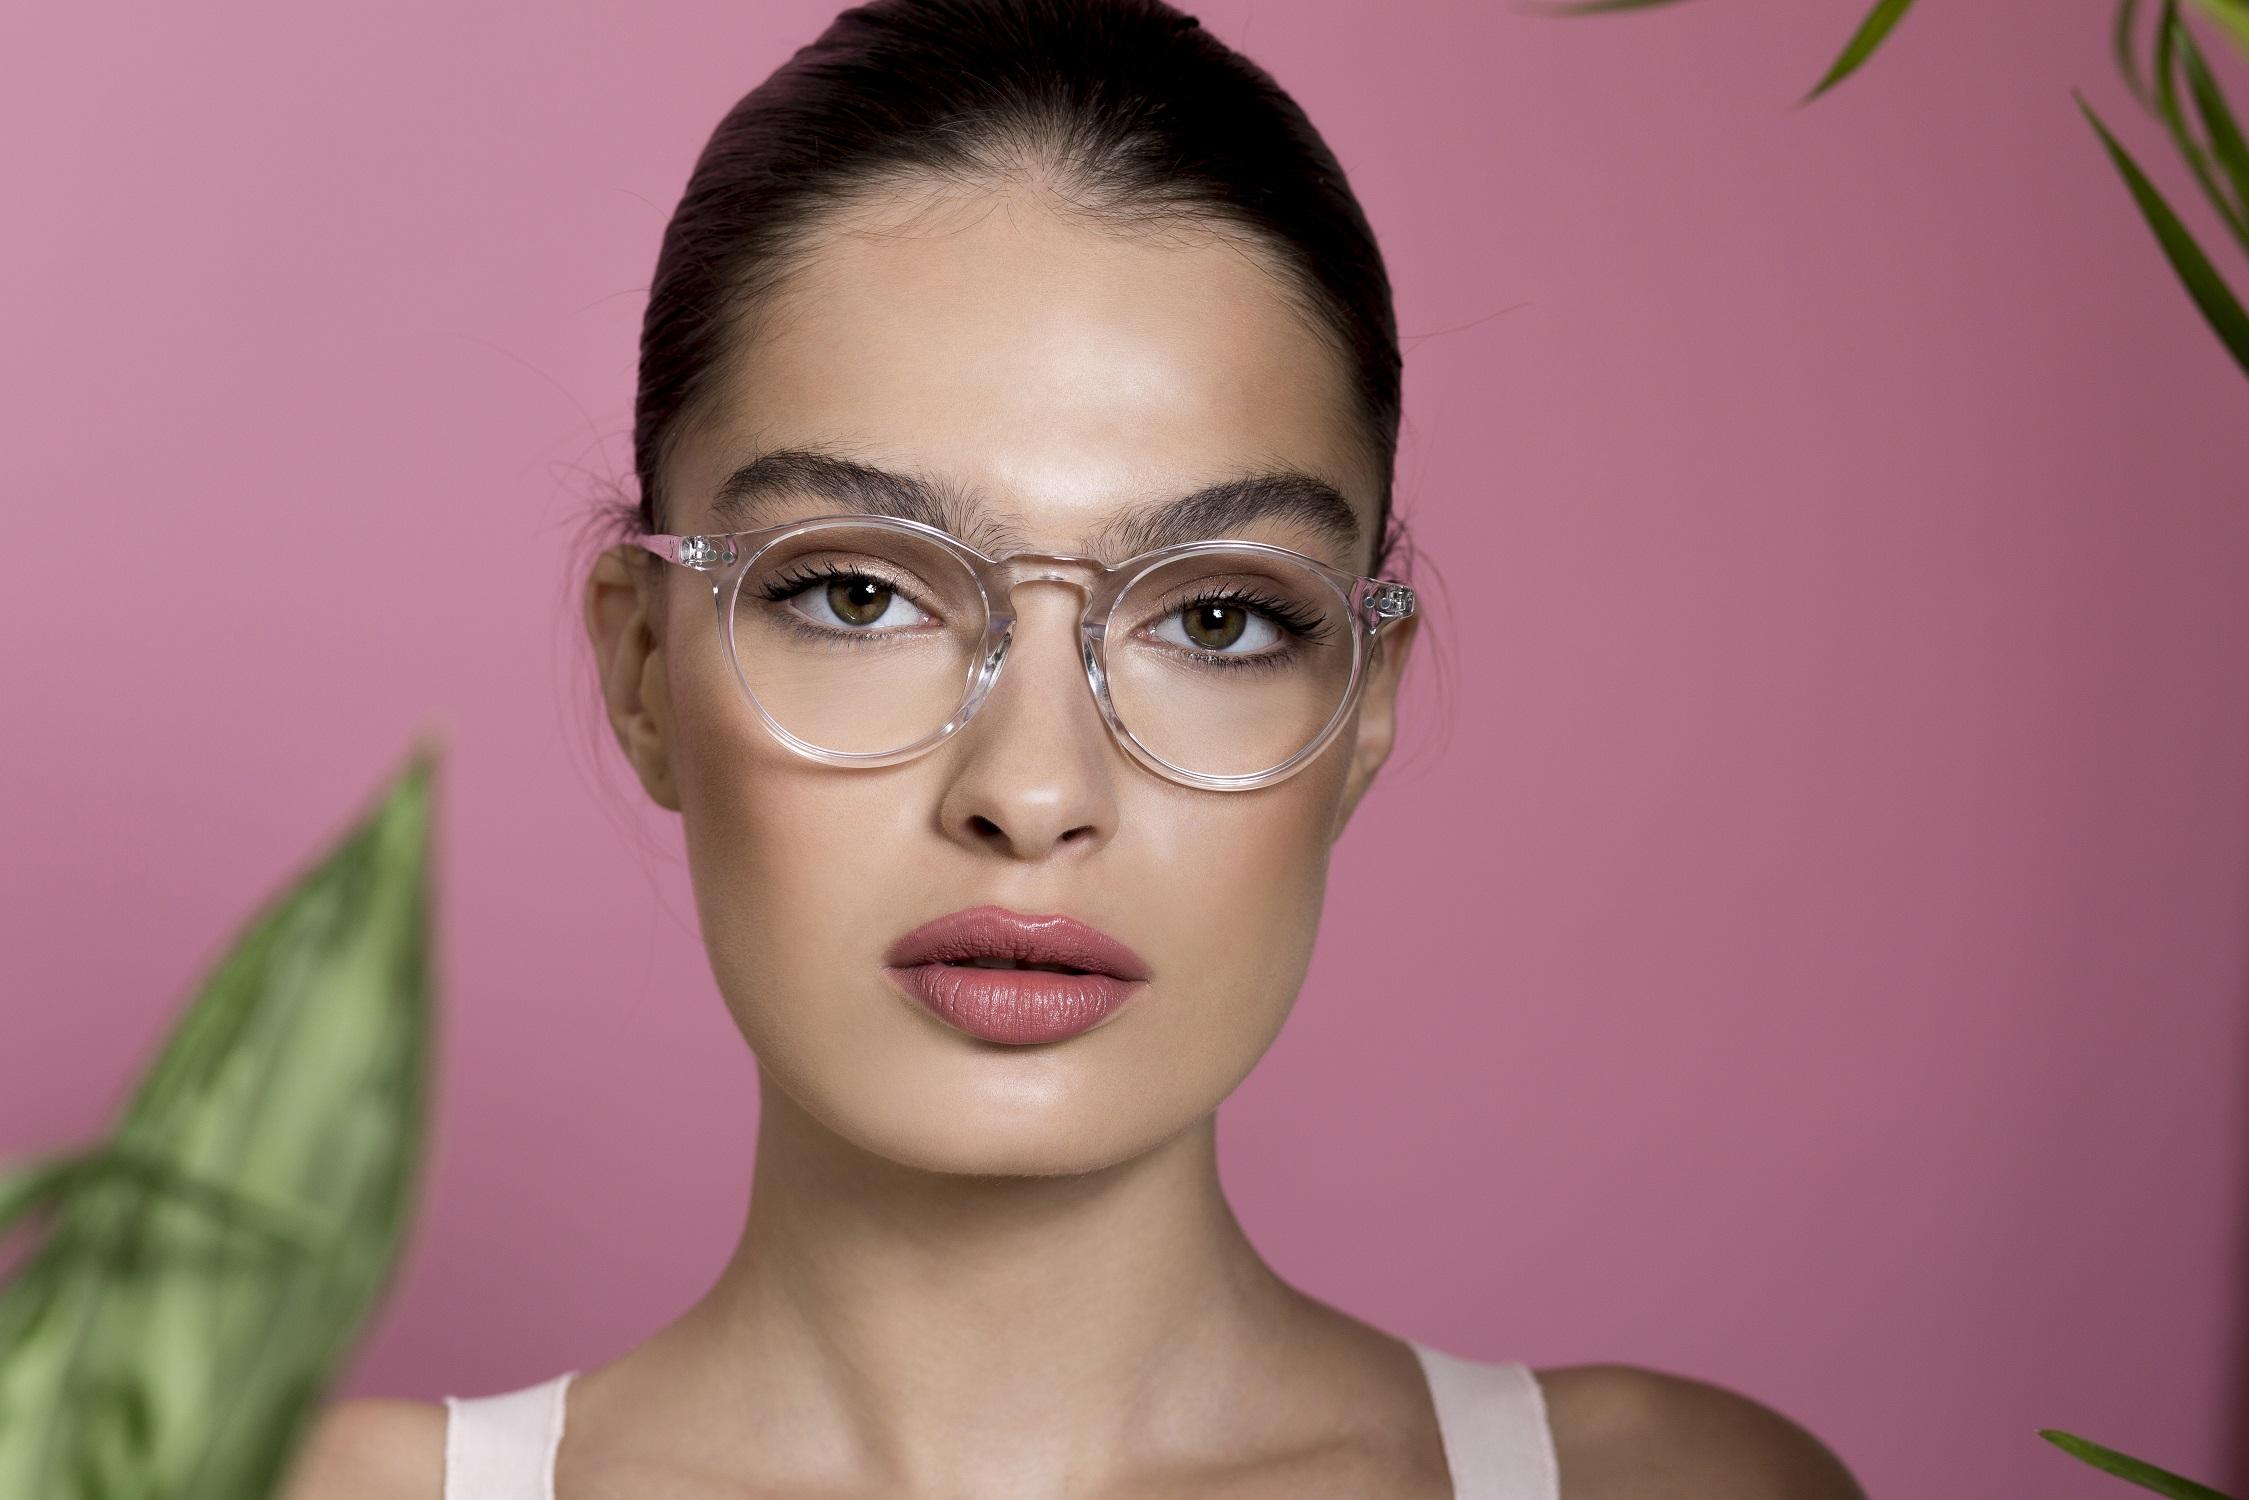 משקפי פרינס מסגרת למשקפי ראייה 690שח  צילום דנה קרן